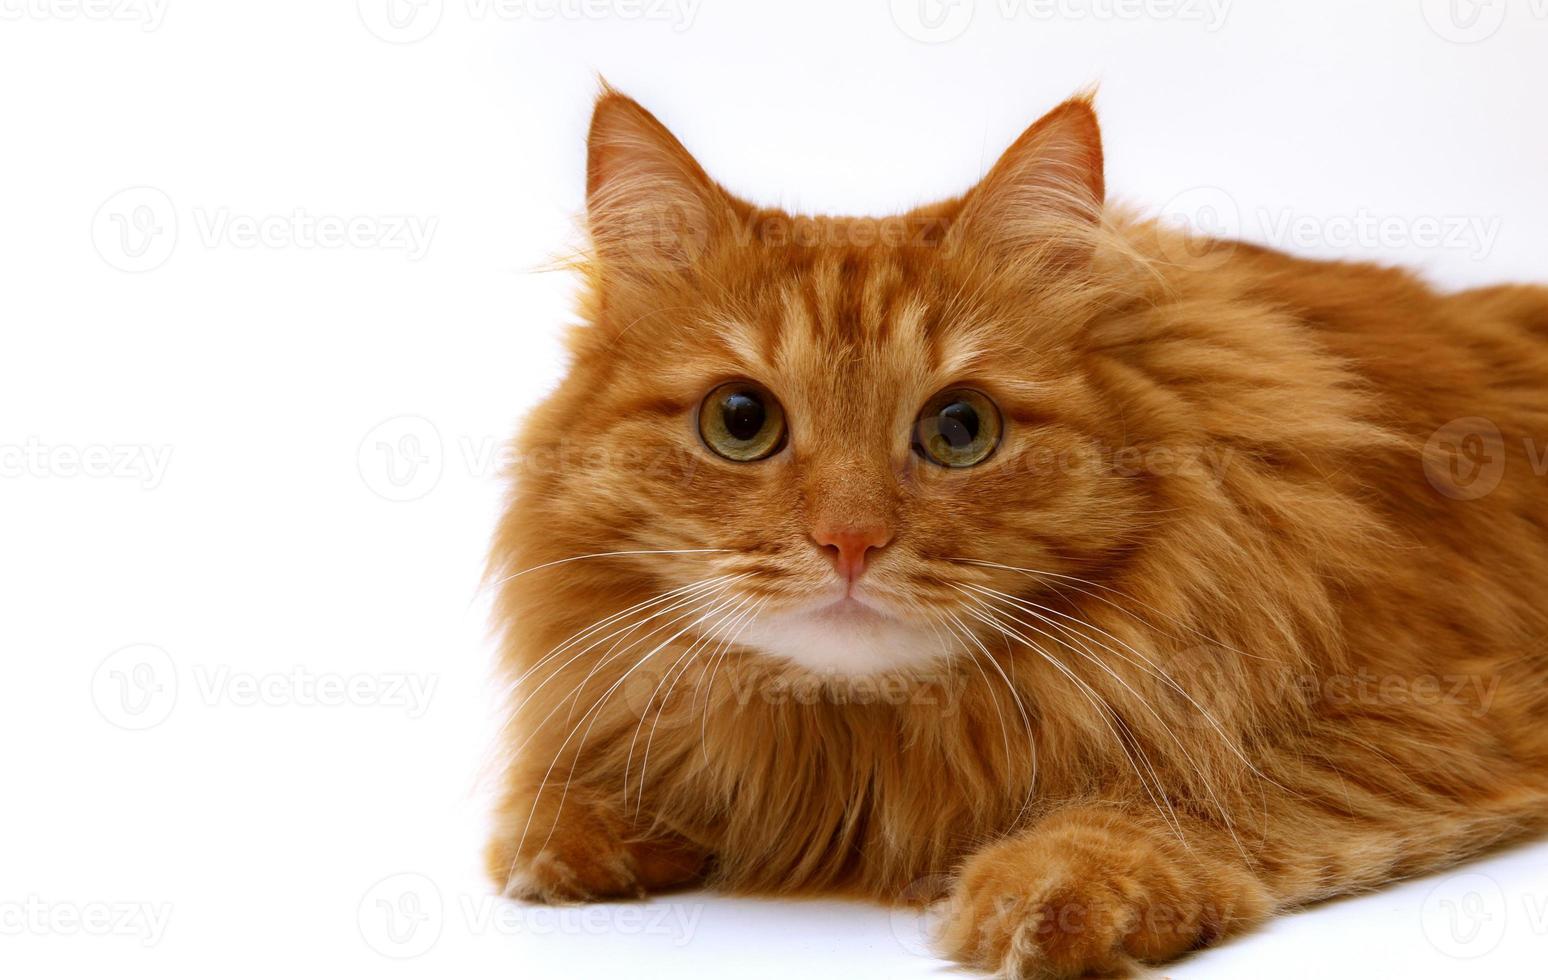 gato rojo disparó sobre un fondo blanco foto